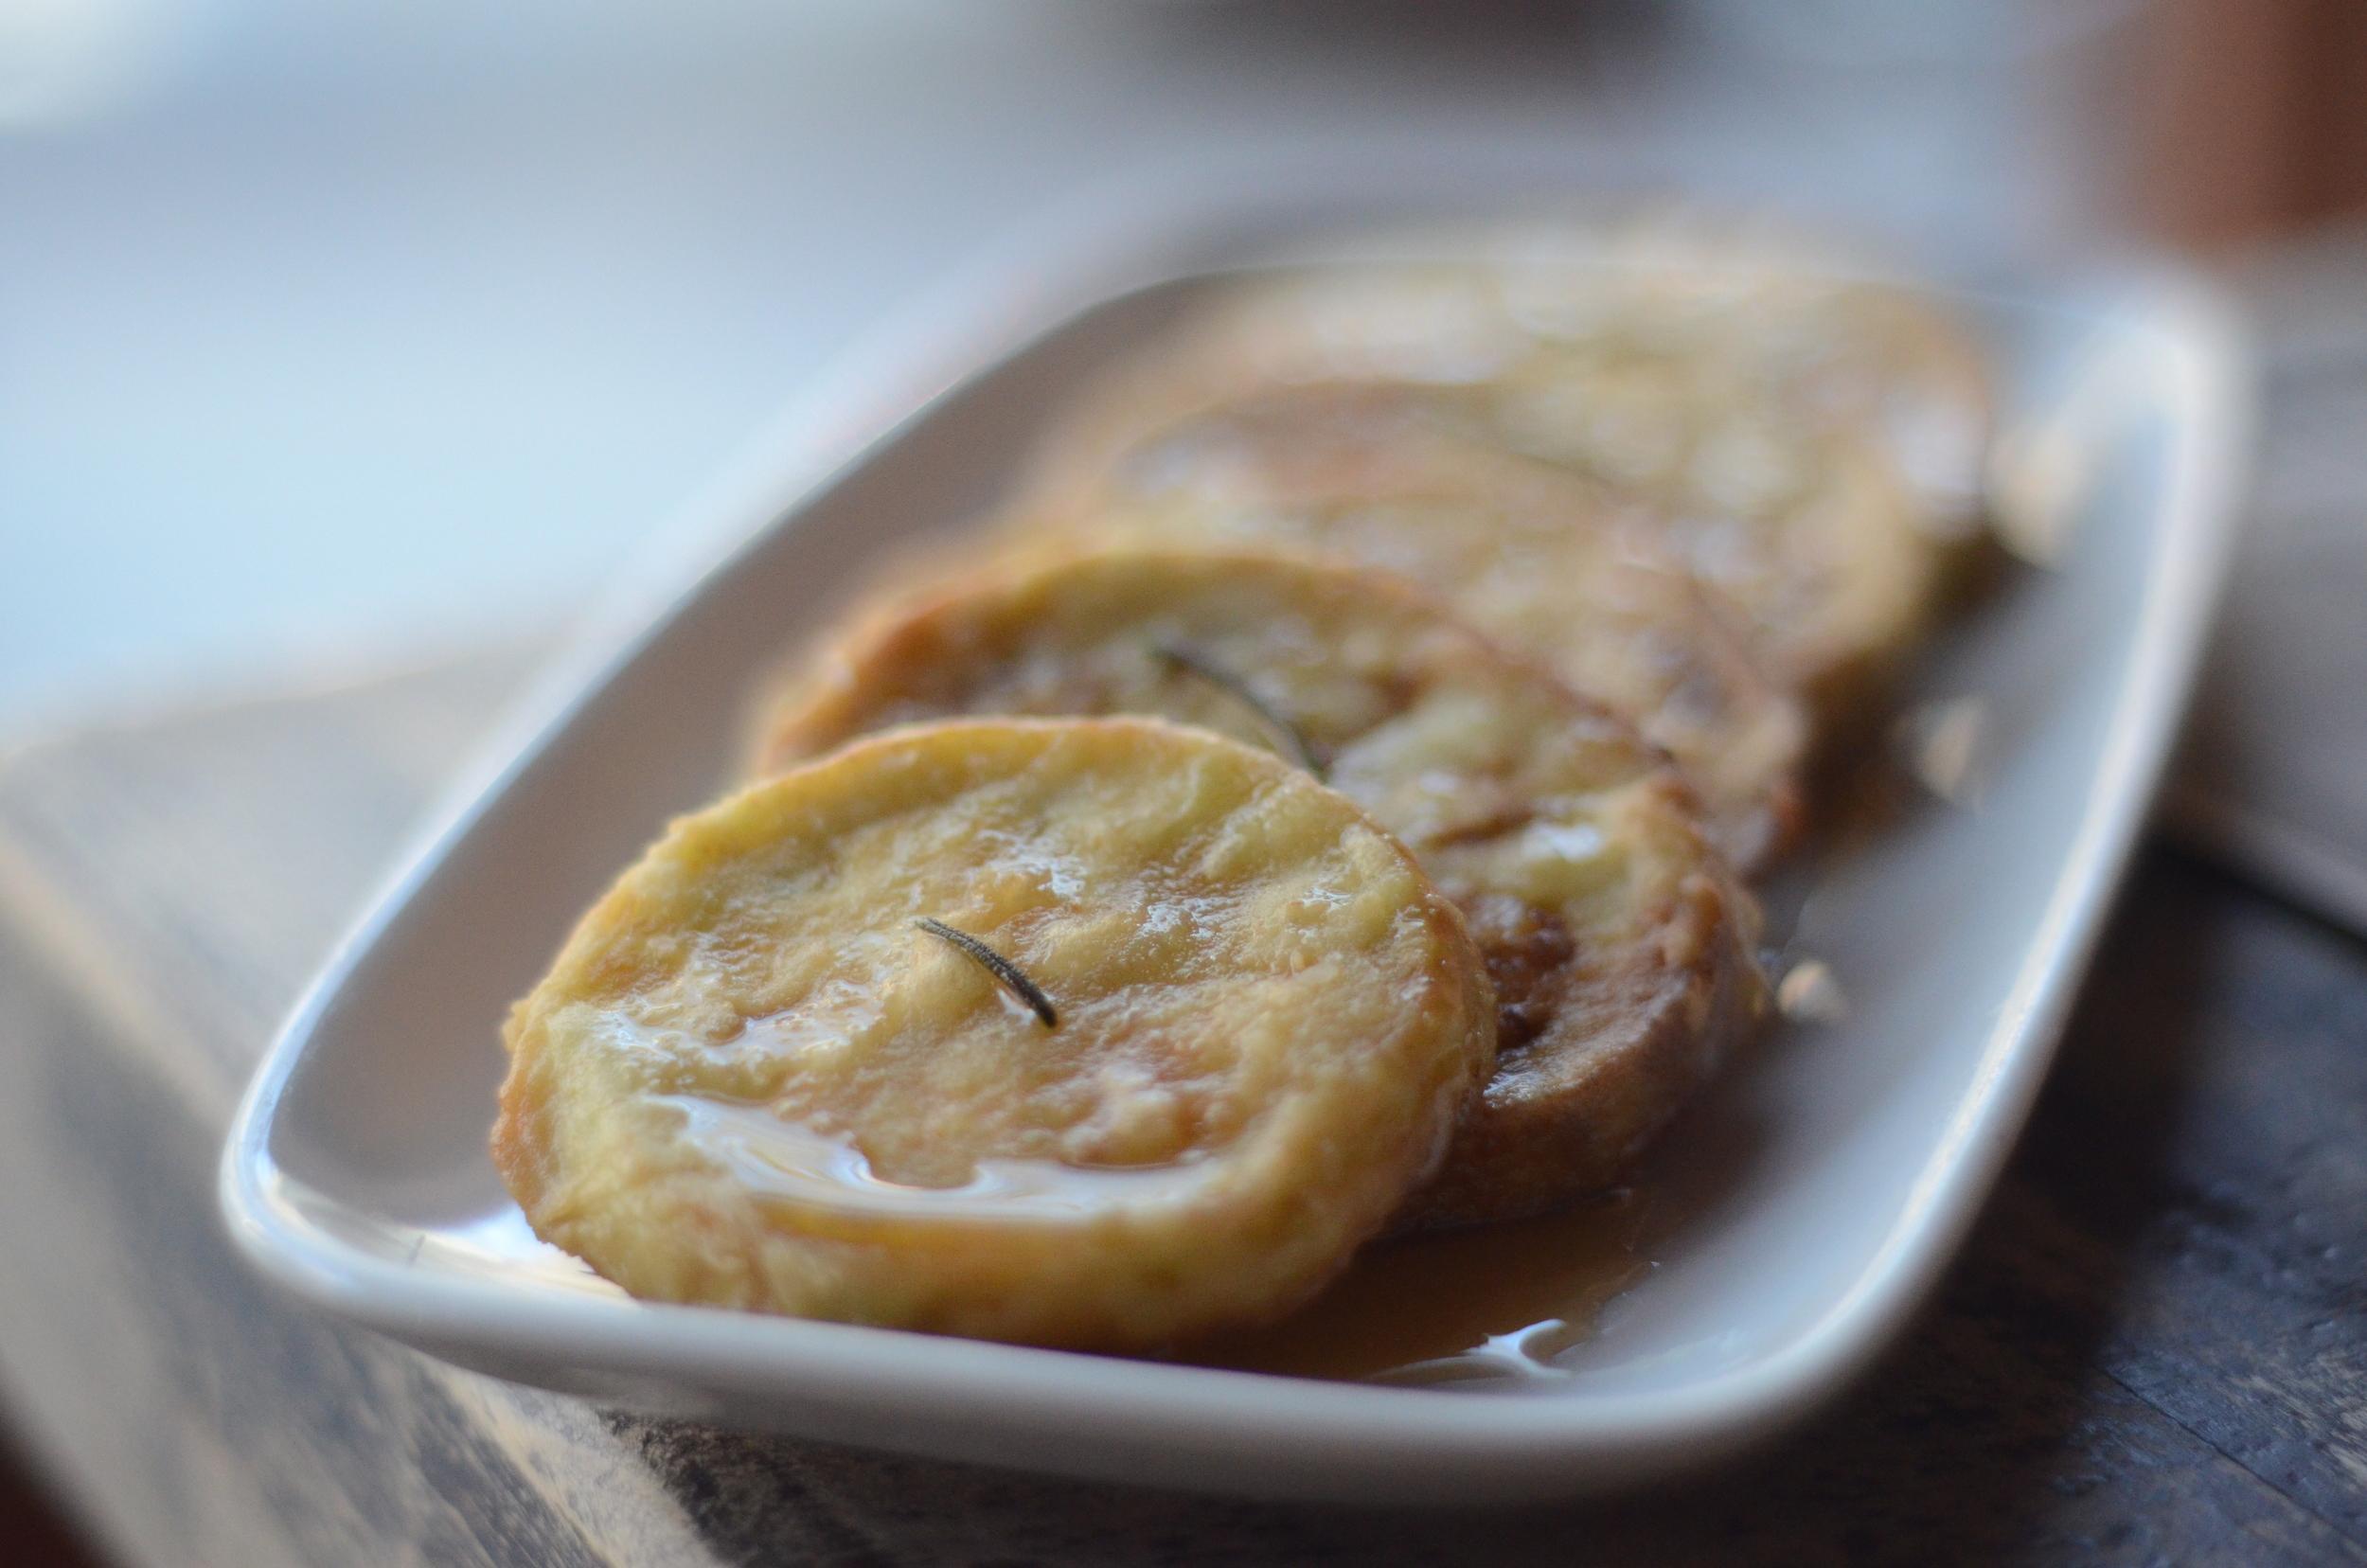 Curate_fried_eggplant.JPG